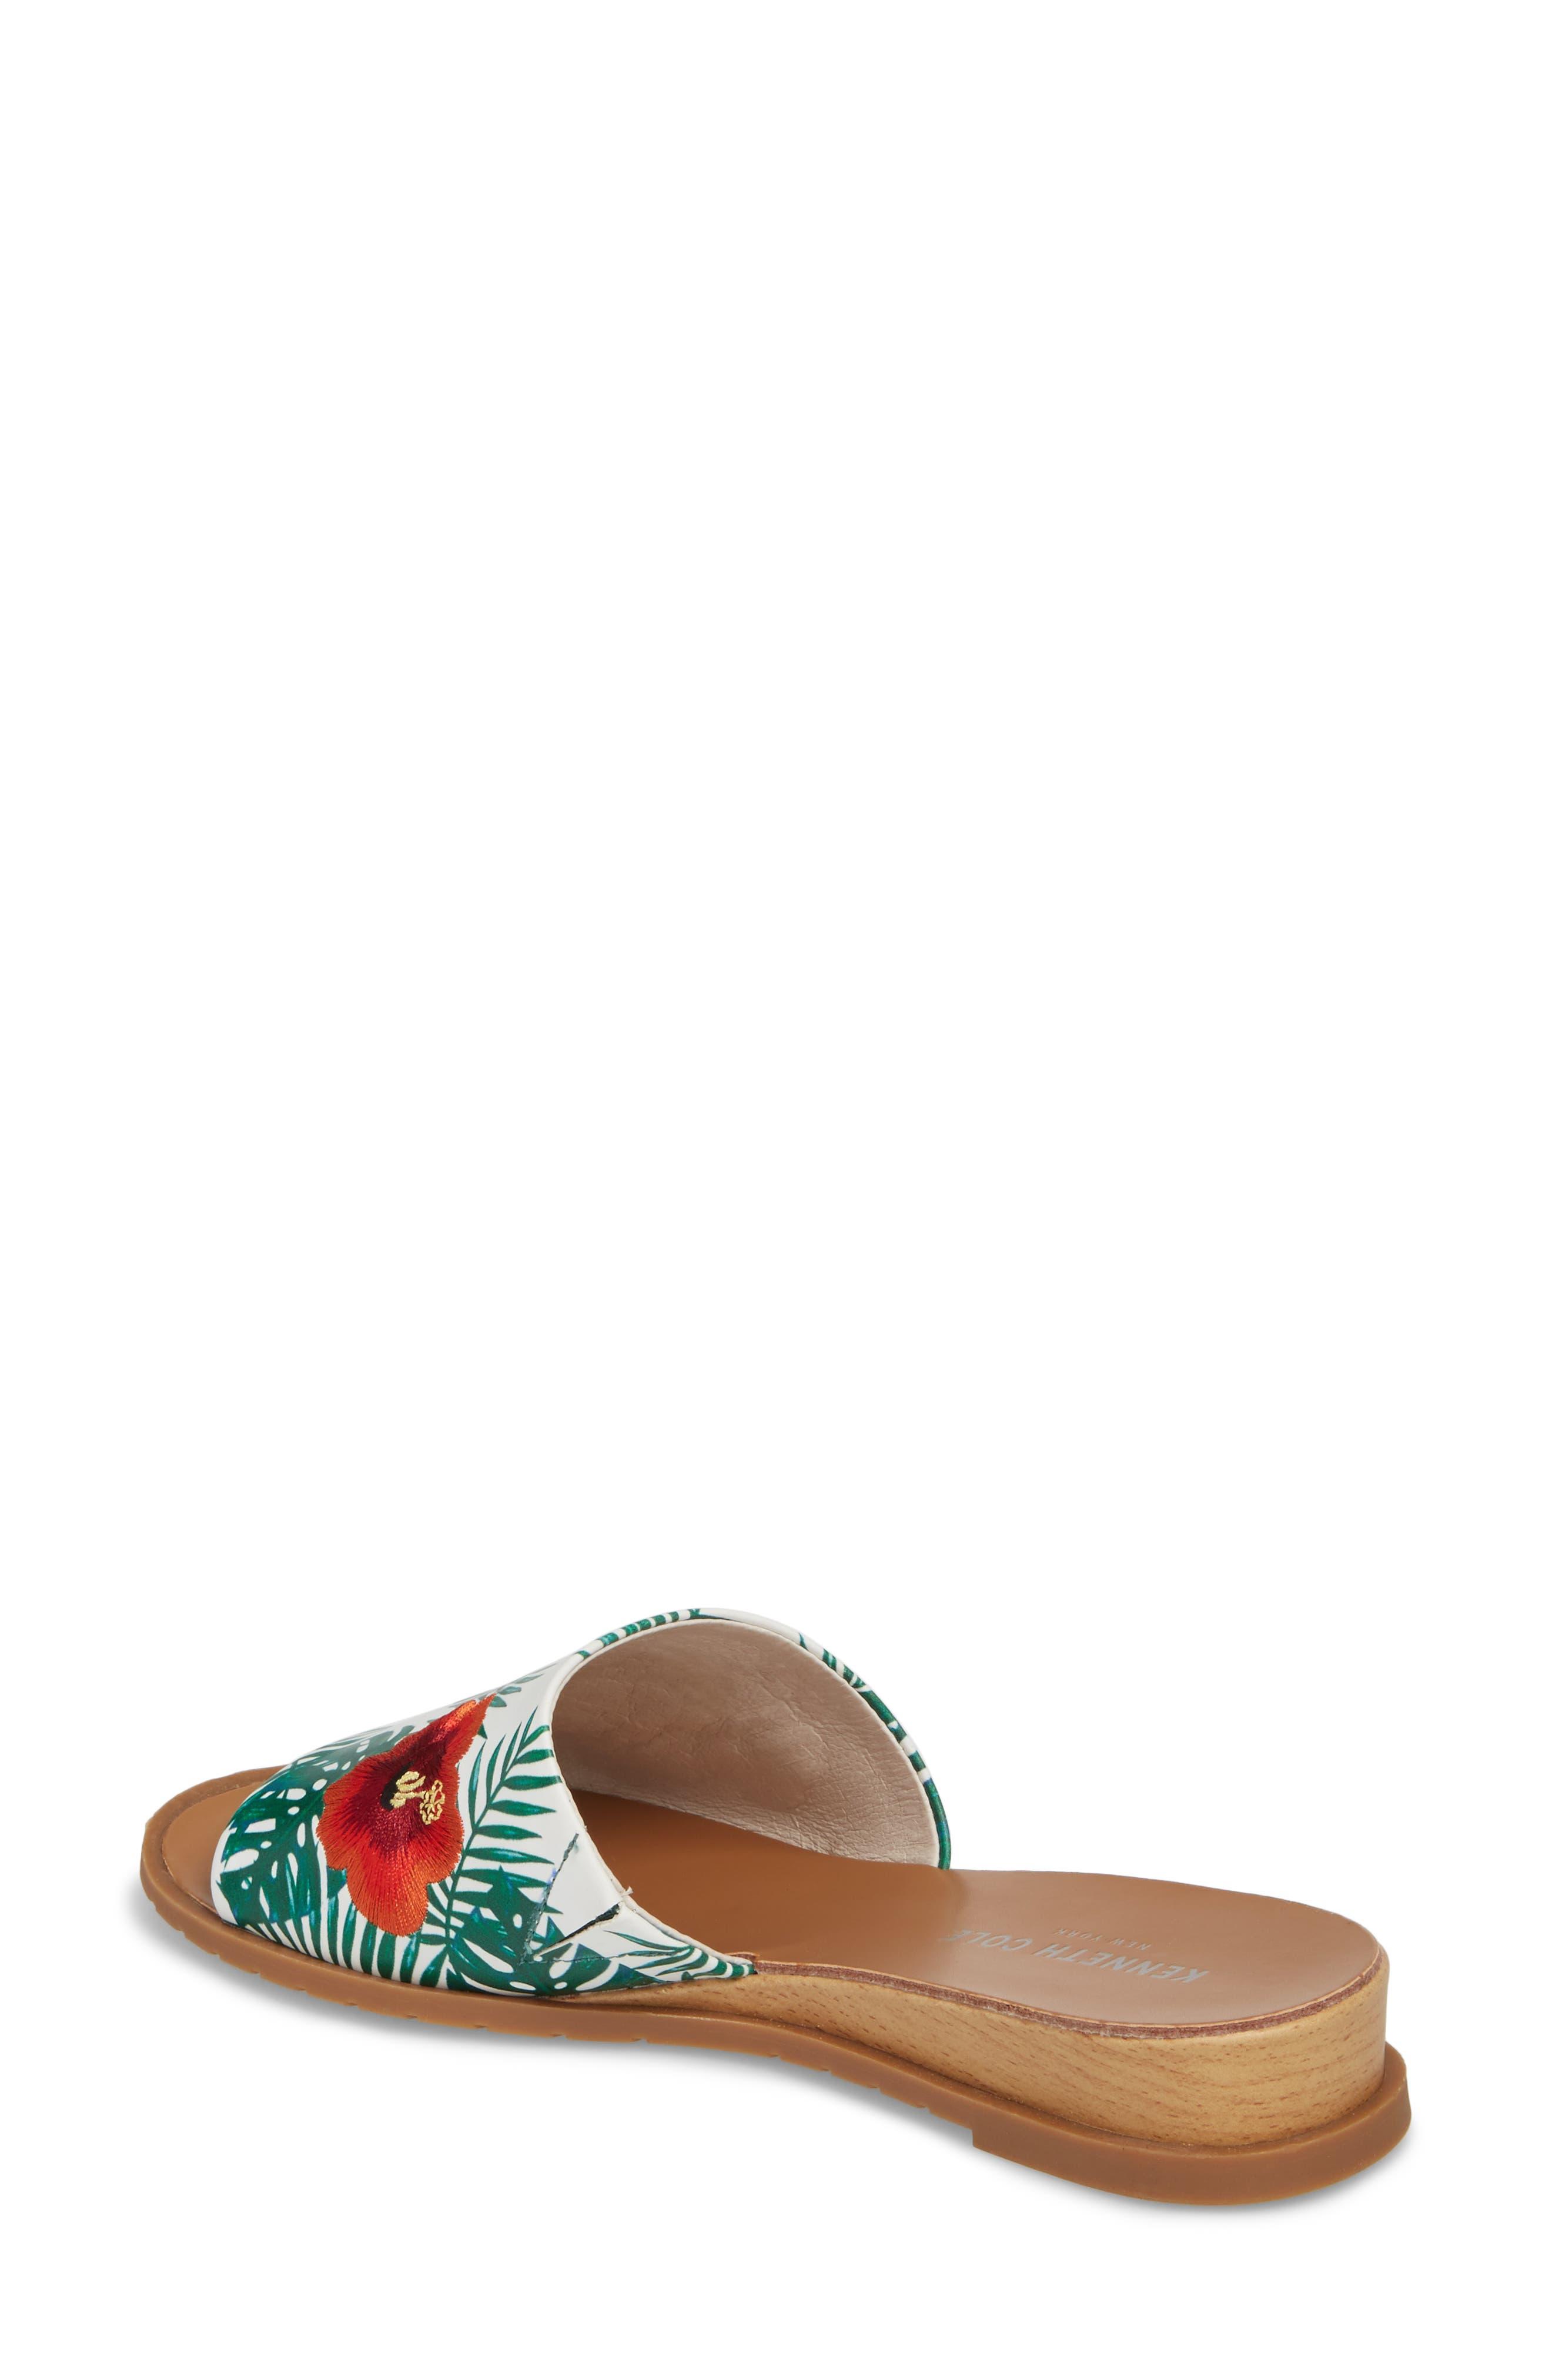 Joanne Flower Embroidered Slide Sandal,                             Alternate thumbnail 11, color,